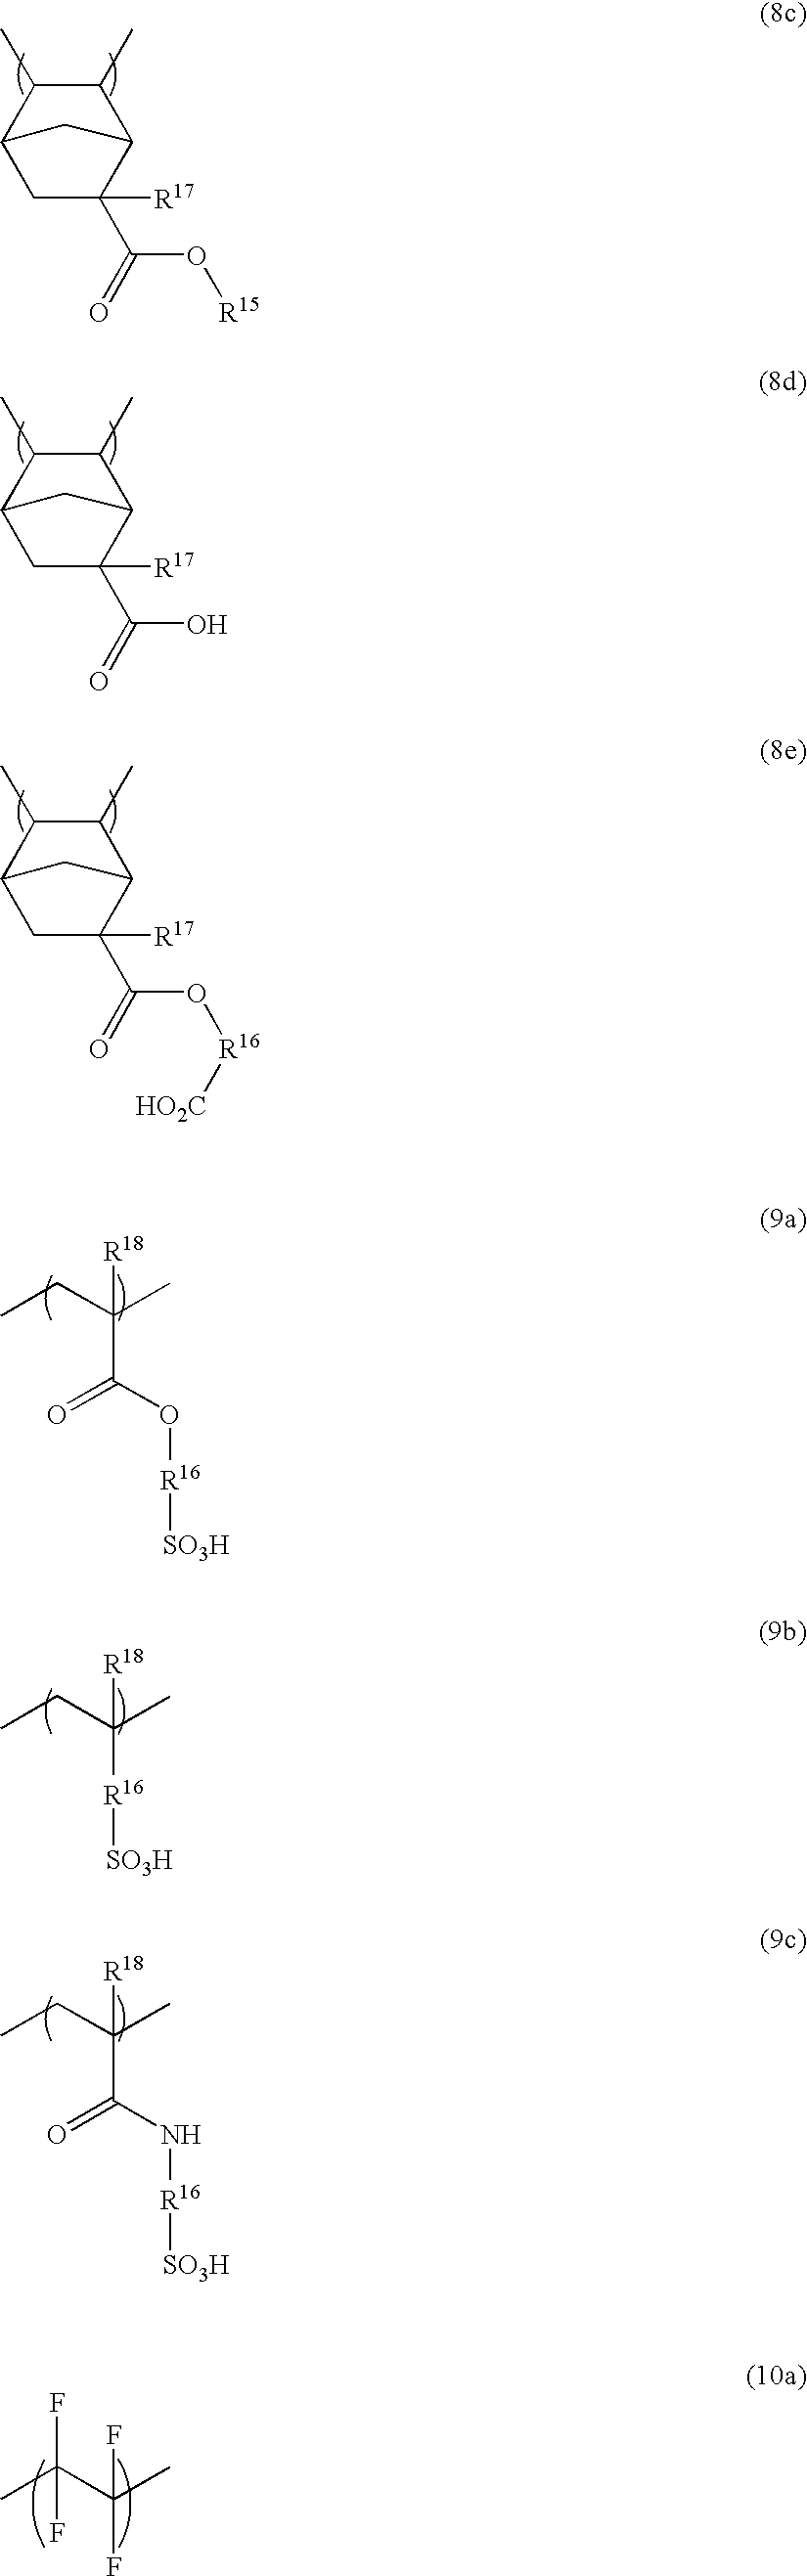 Figure US20090280434A1-20091112-C00022